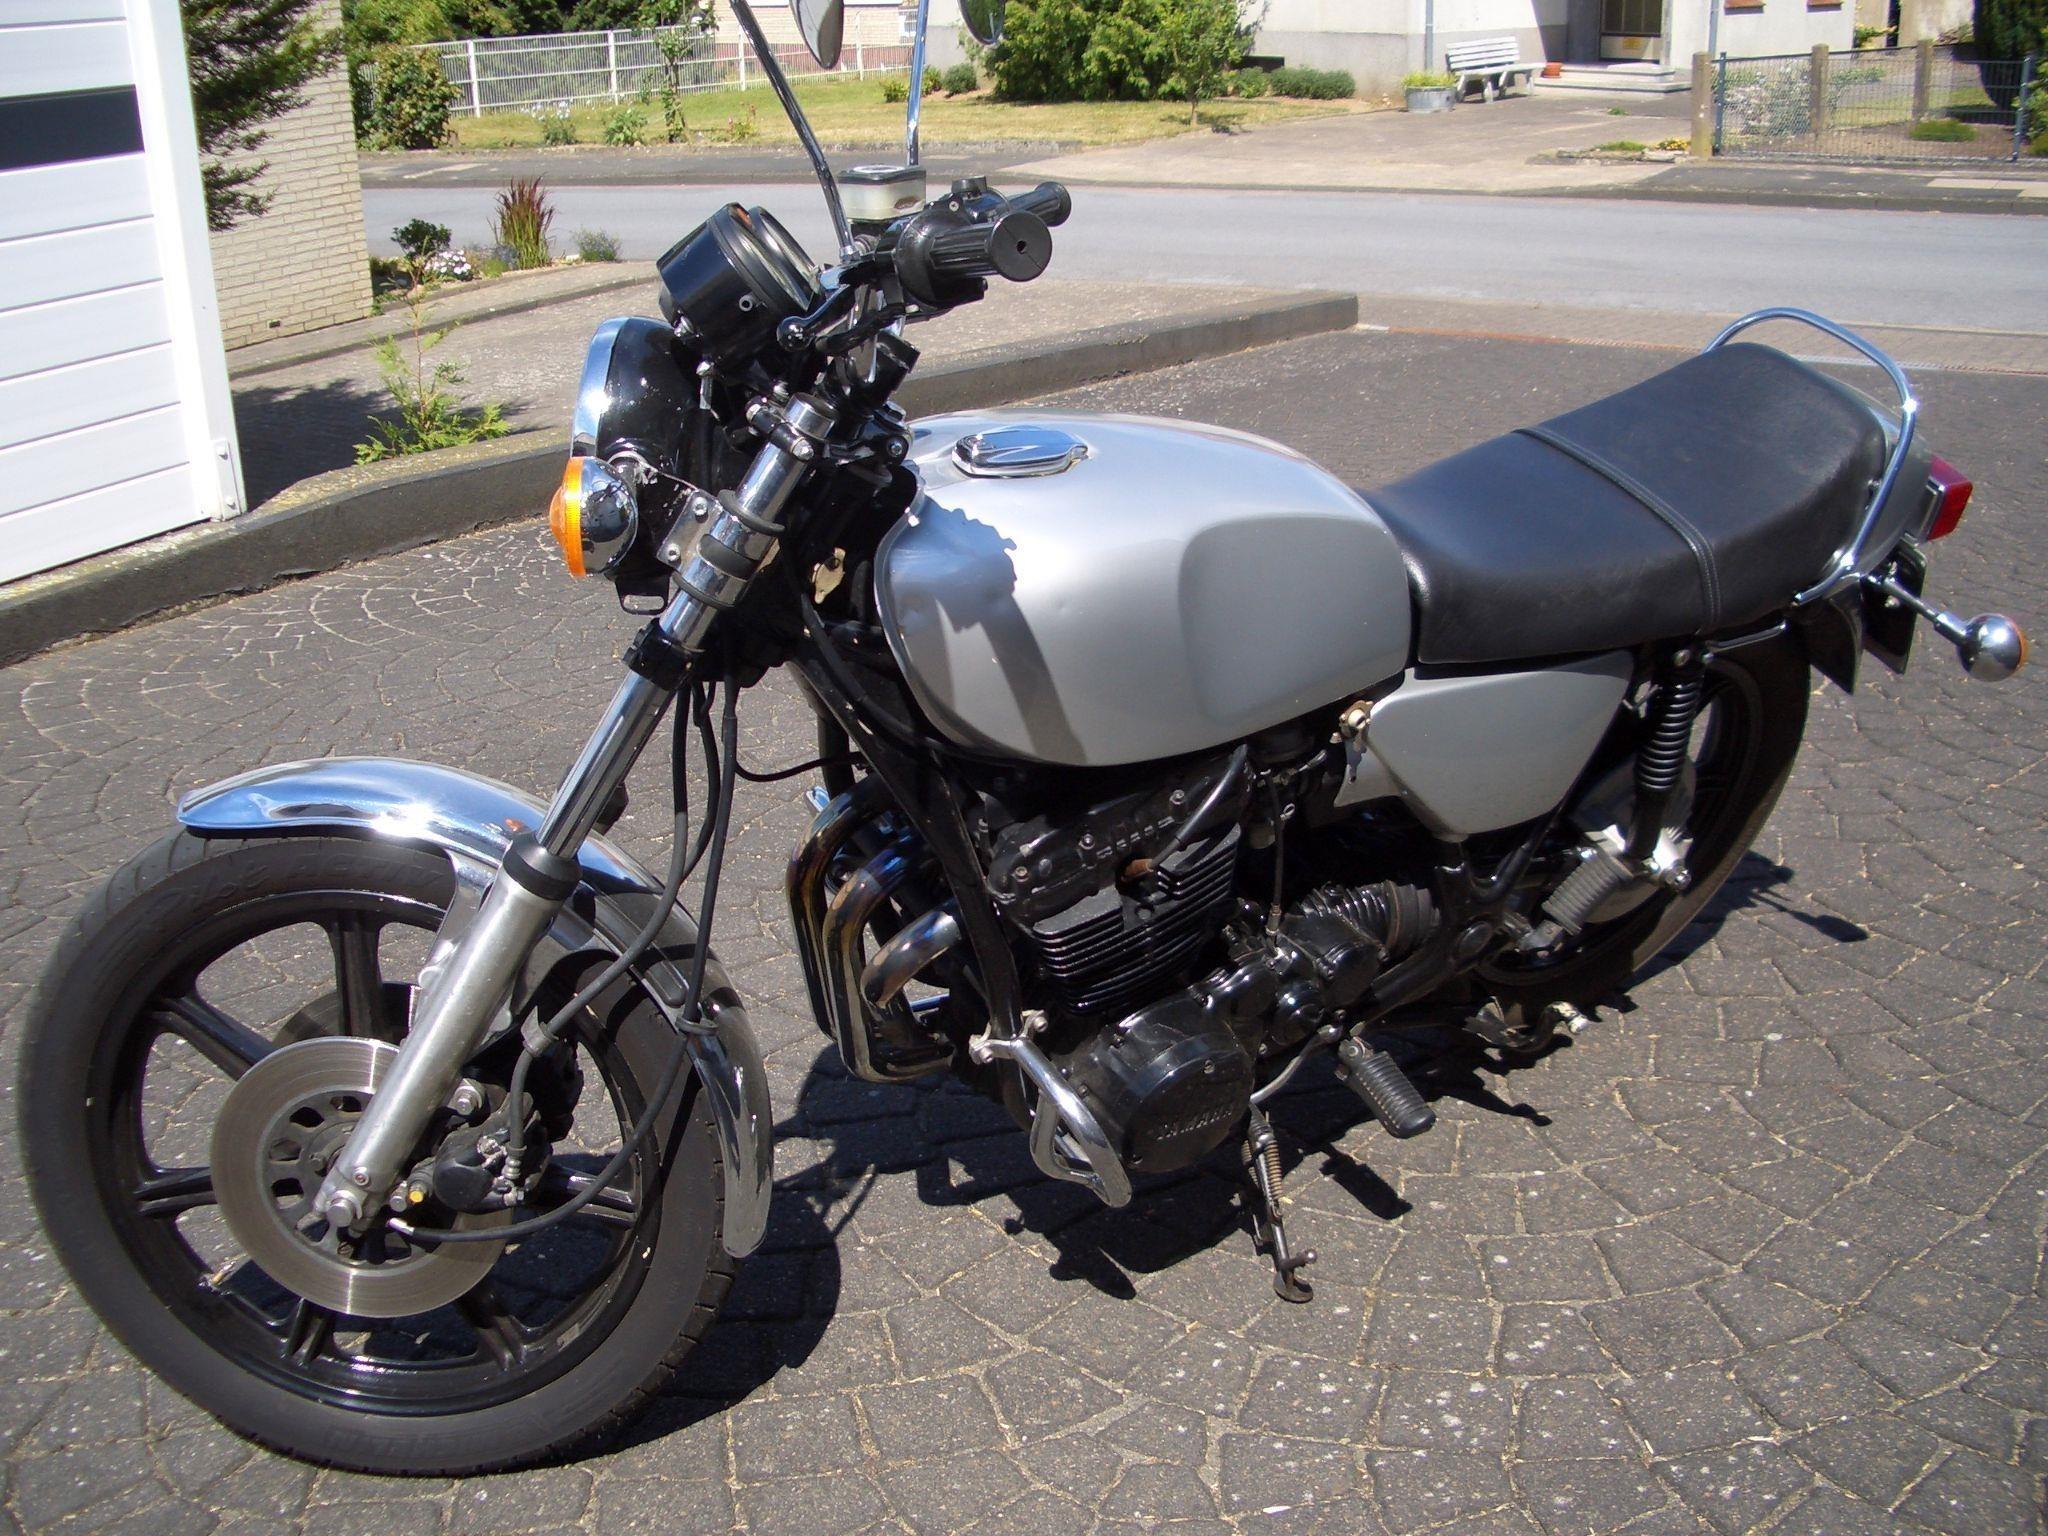 yamaha xs 650 deutschland Gebrauchtmotorrad - Gebrauchte